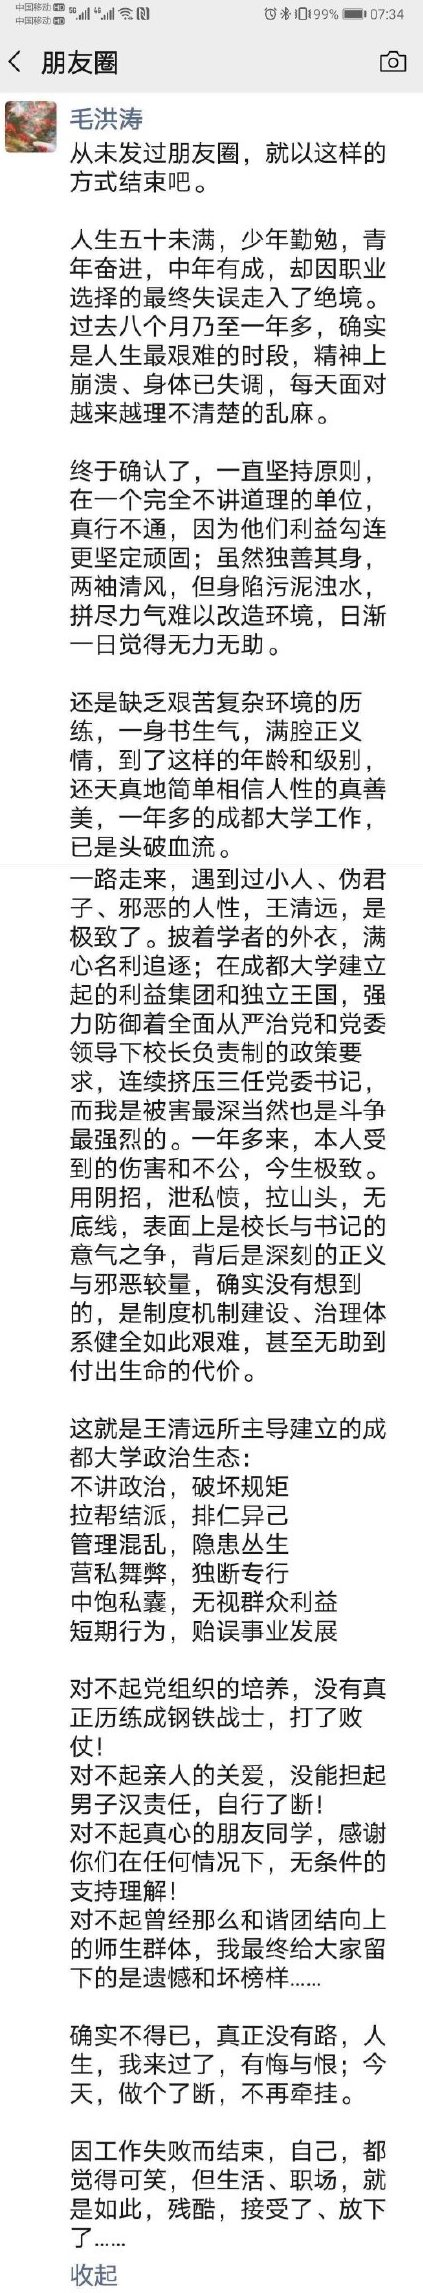 成都大学党委书记 毛洪涛